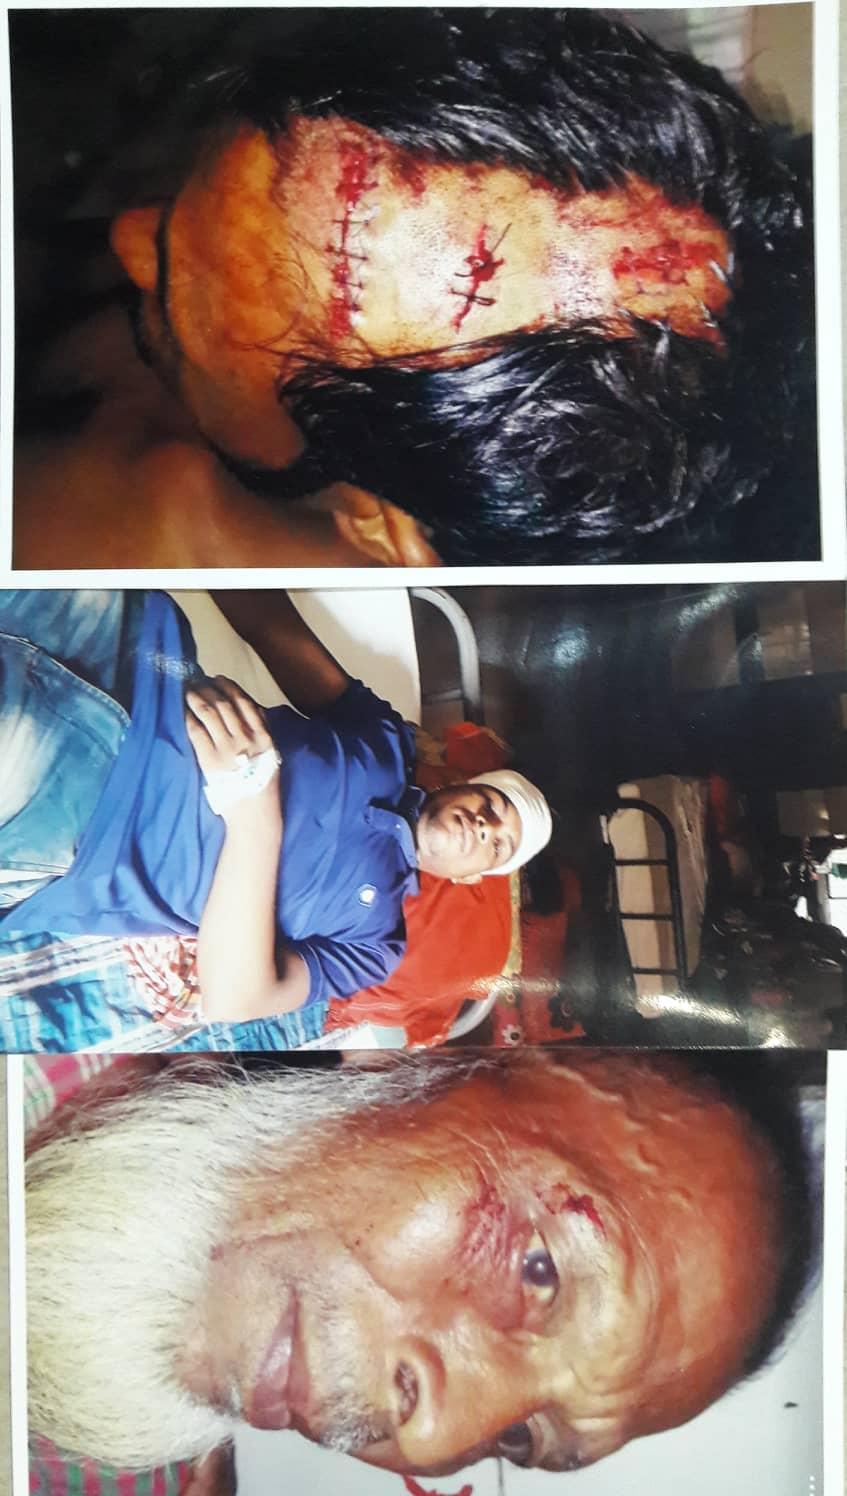 সরাইলে সন্ত্রাসী হামলায় ইটমিলের শ্রমিকসহ আহত ৬